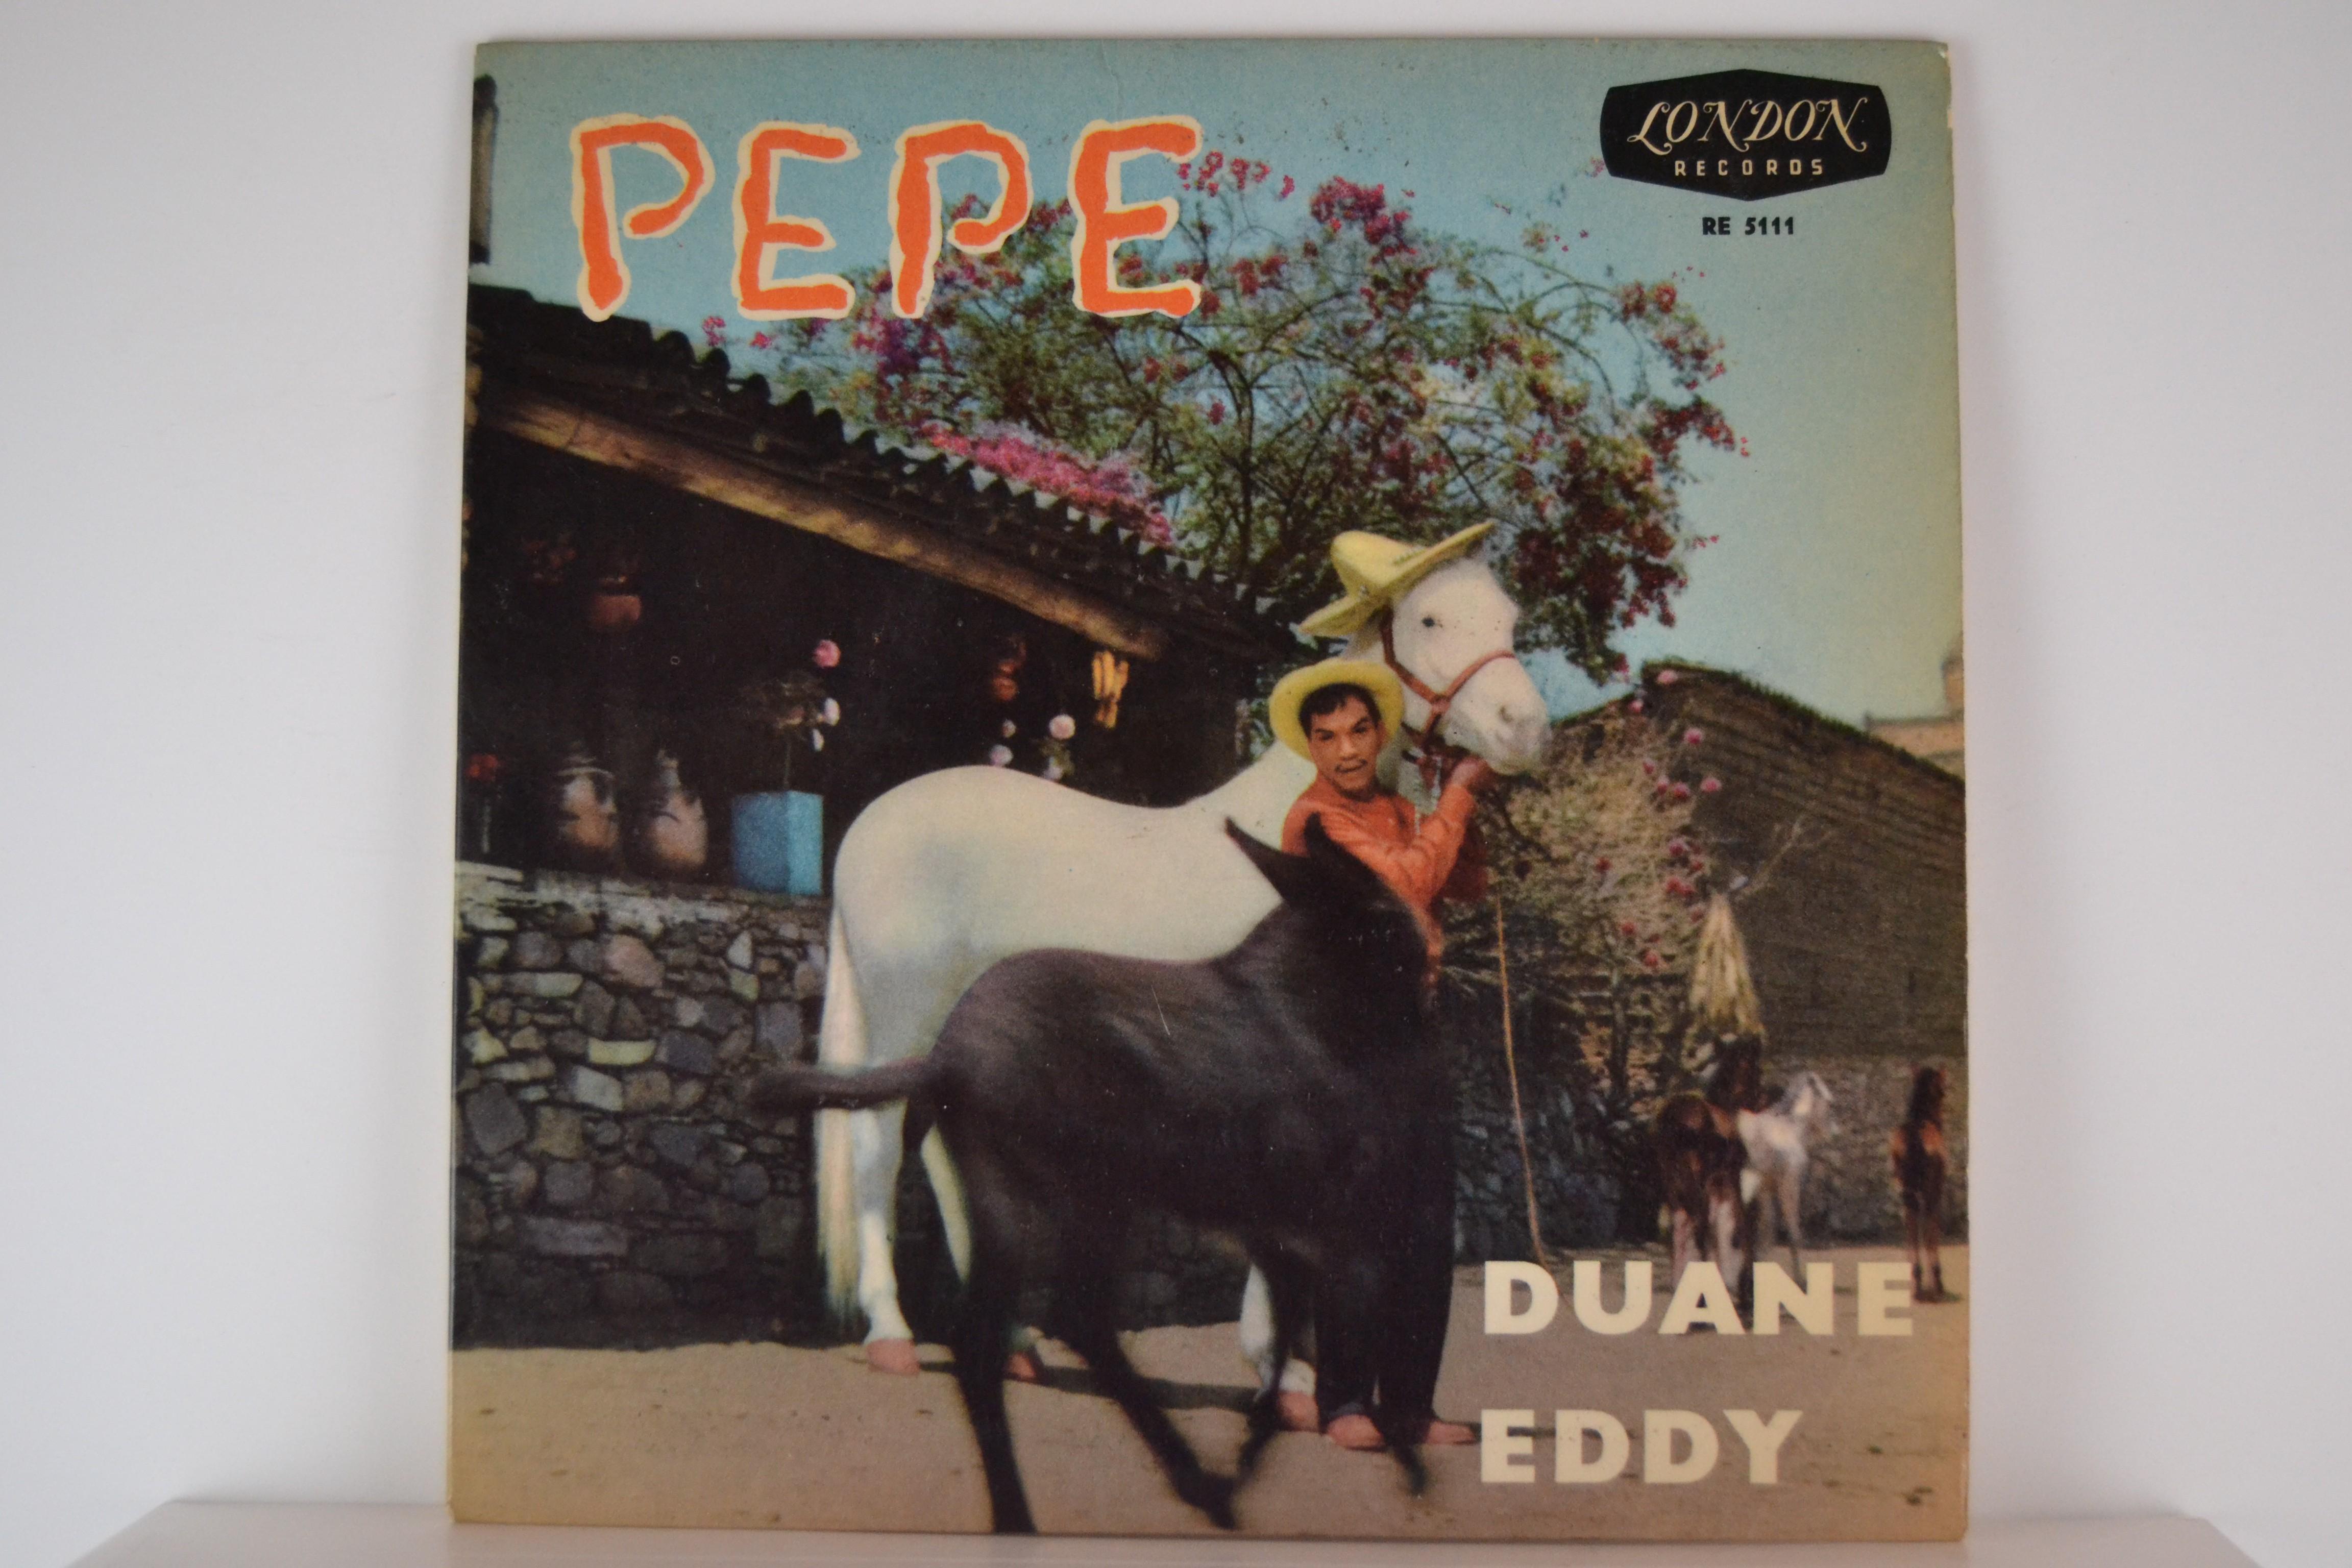 DUANE EDDY : (EP) Pepe / Lost friend / Night train to Memphis / Trambone